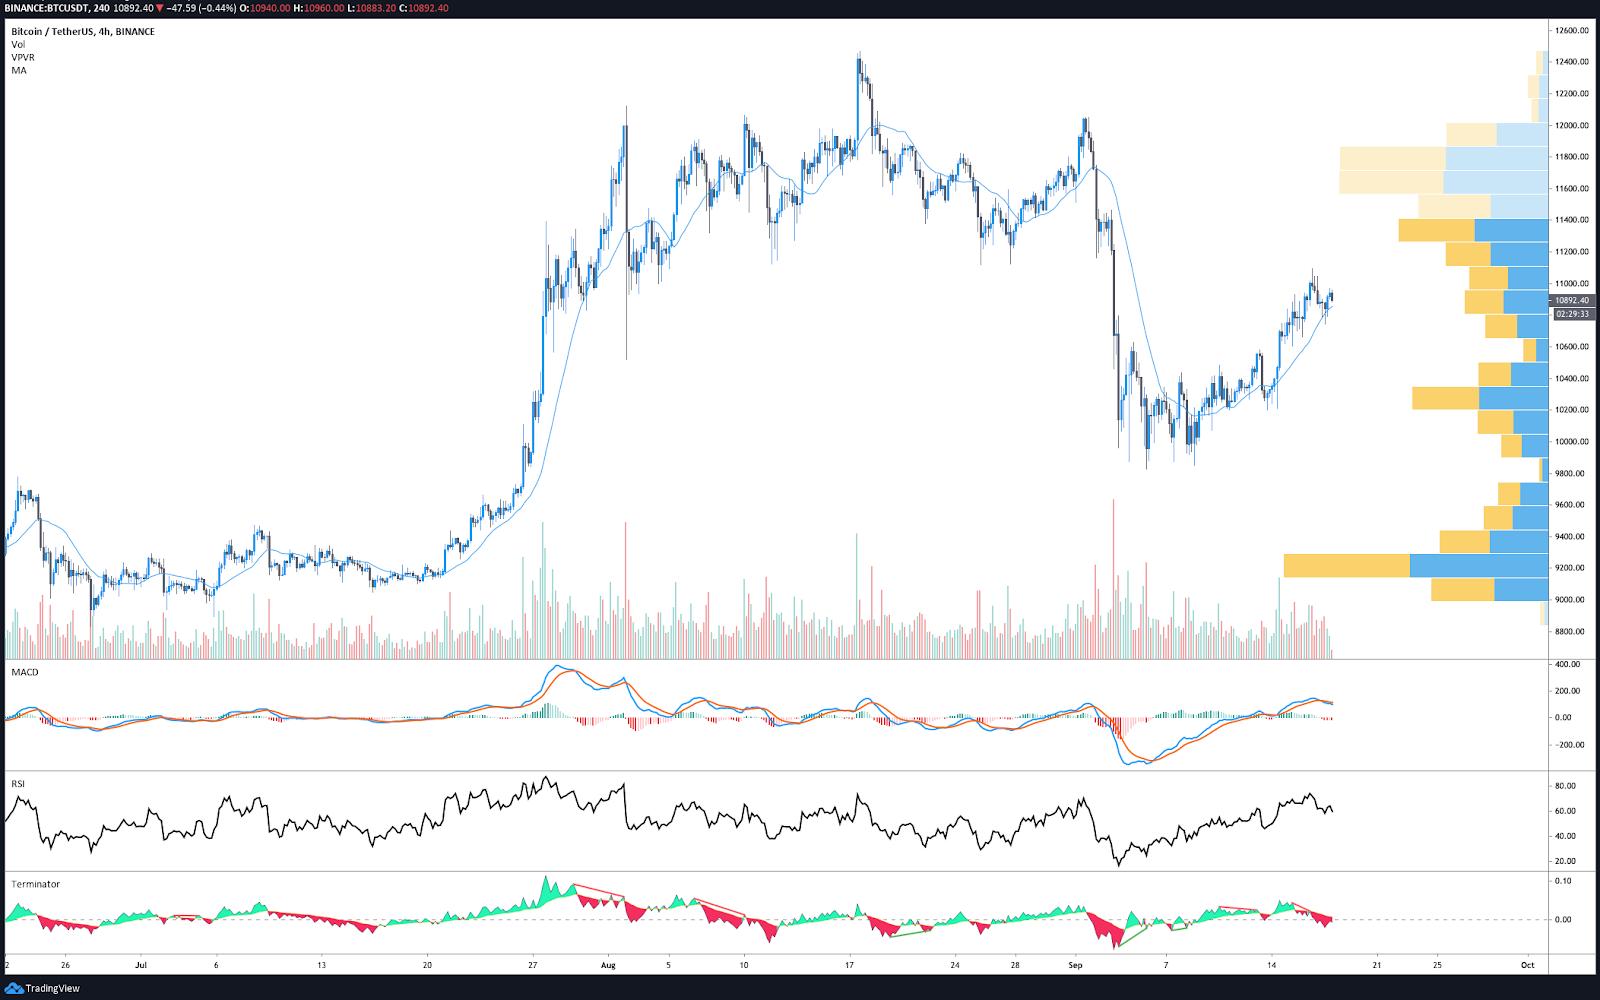 BTC/USDT 4-hr chart